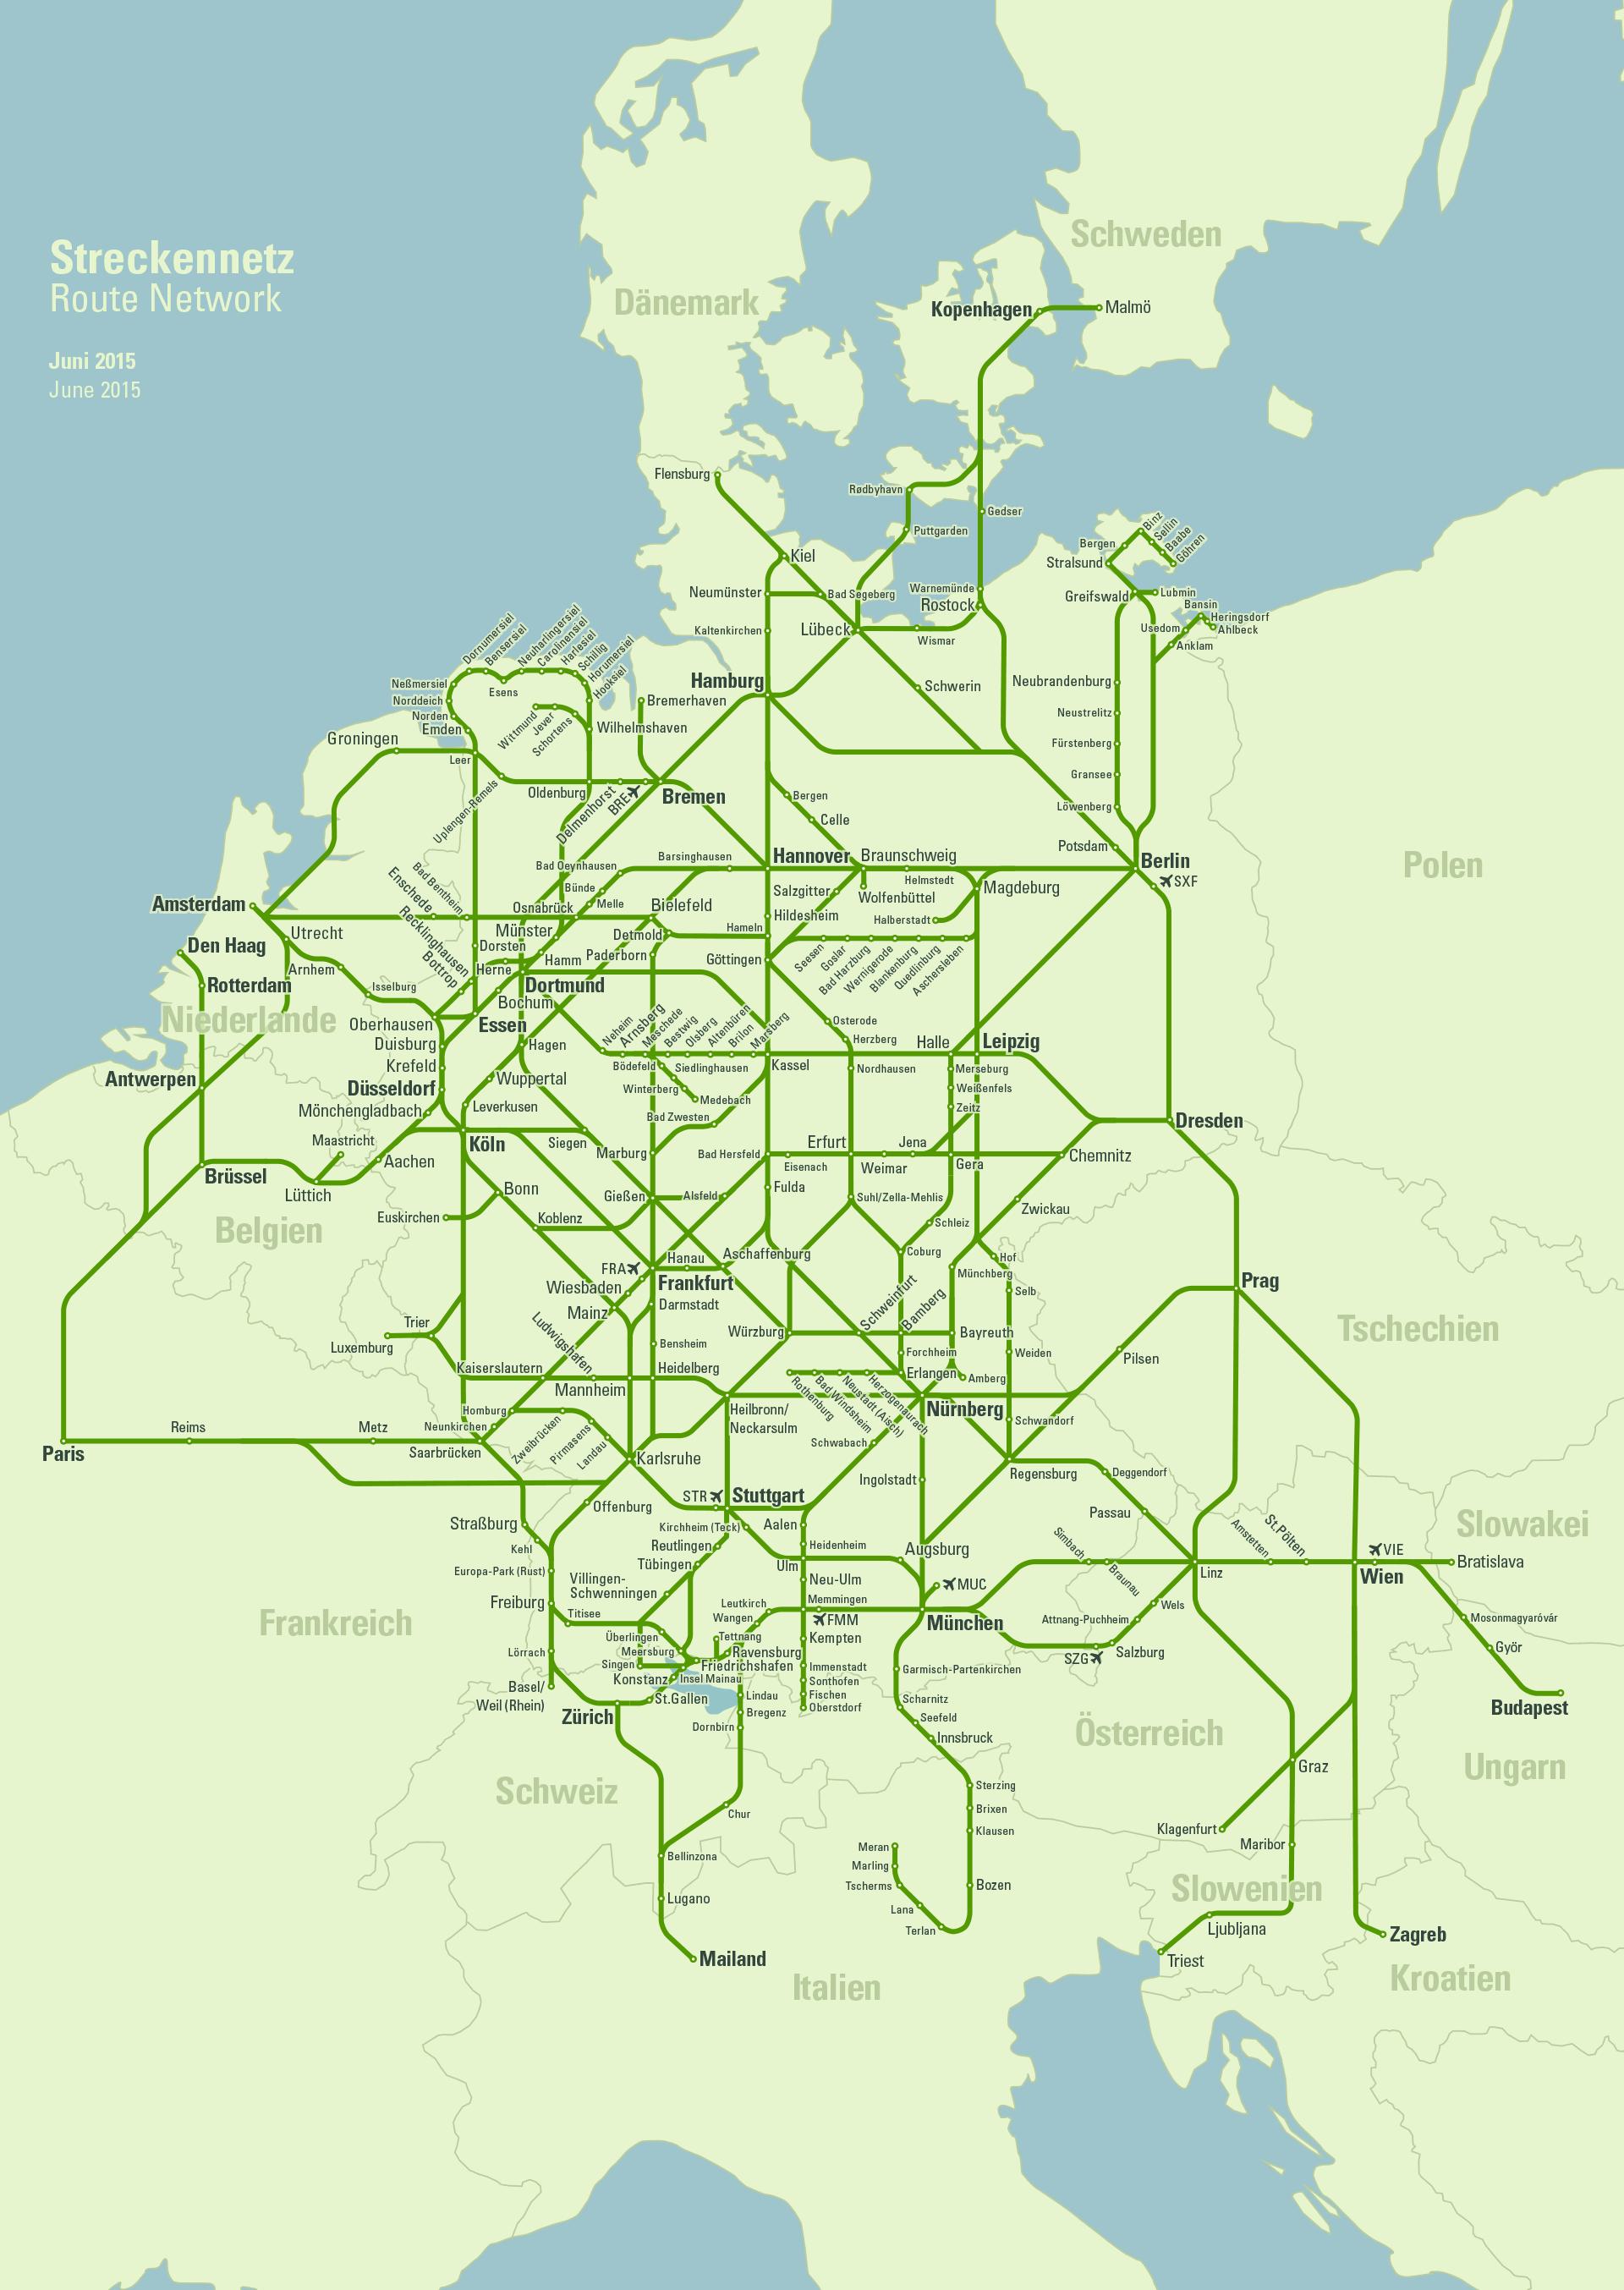 In Deutschlands größtem Streckennetz günstig und komfortabel mit dem Fernbus zu über 700 Zielen reisen Laufend neue Verbindungen und Angebote